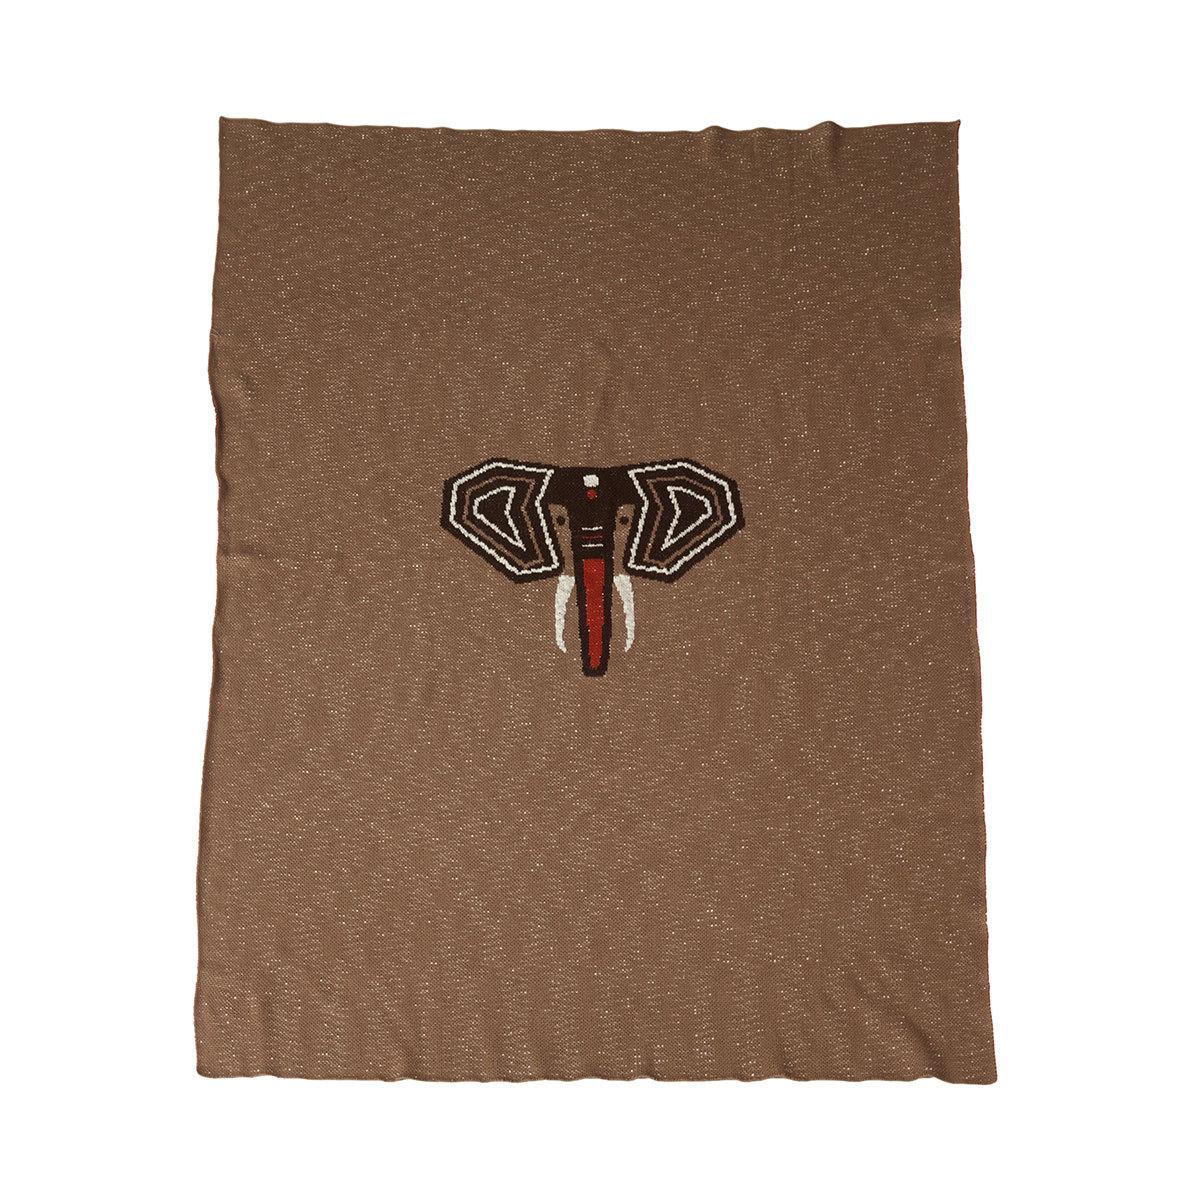 Linge de lit Couverture Tricot pour Lit - Eléphant